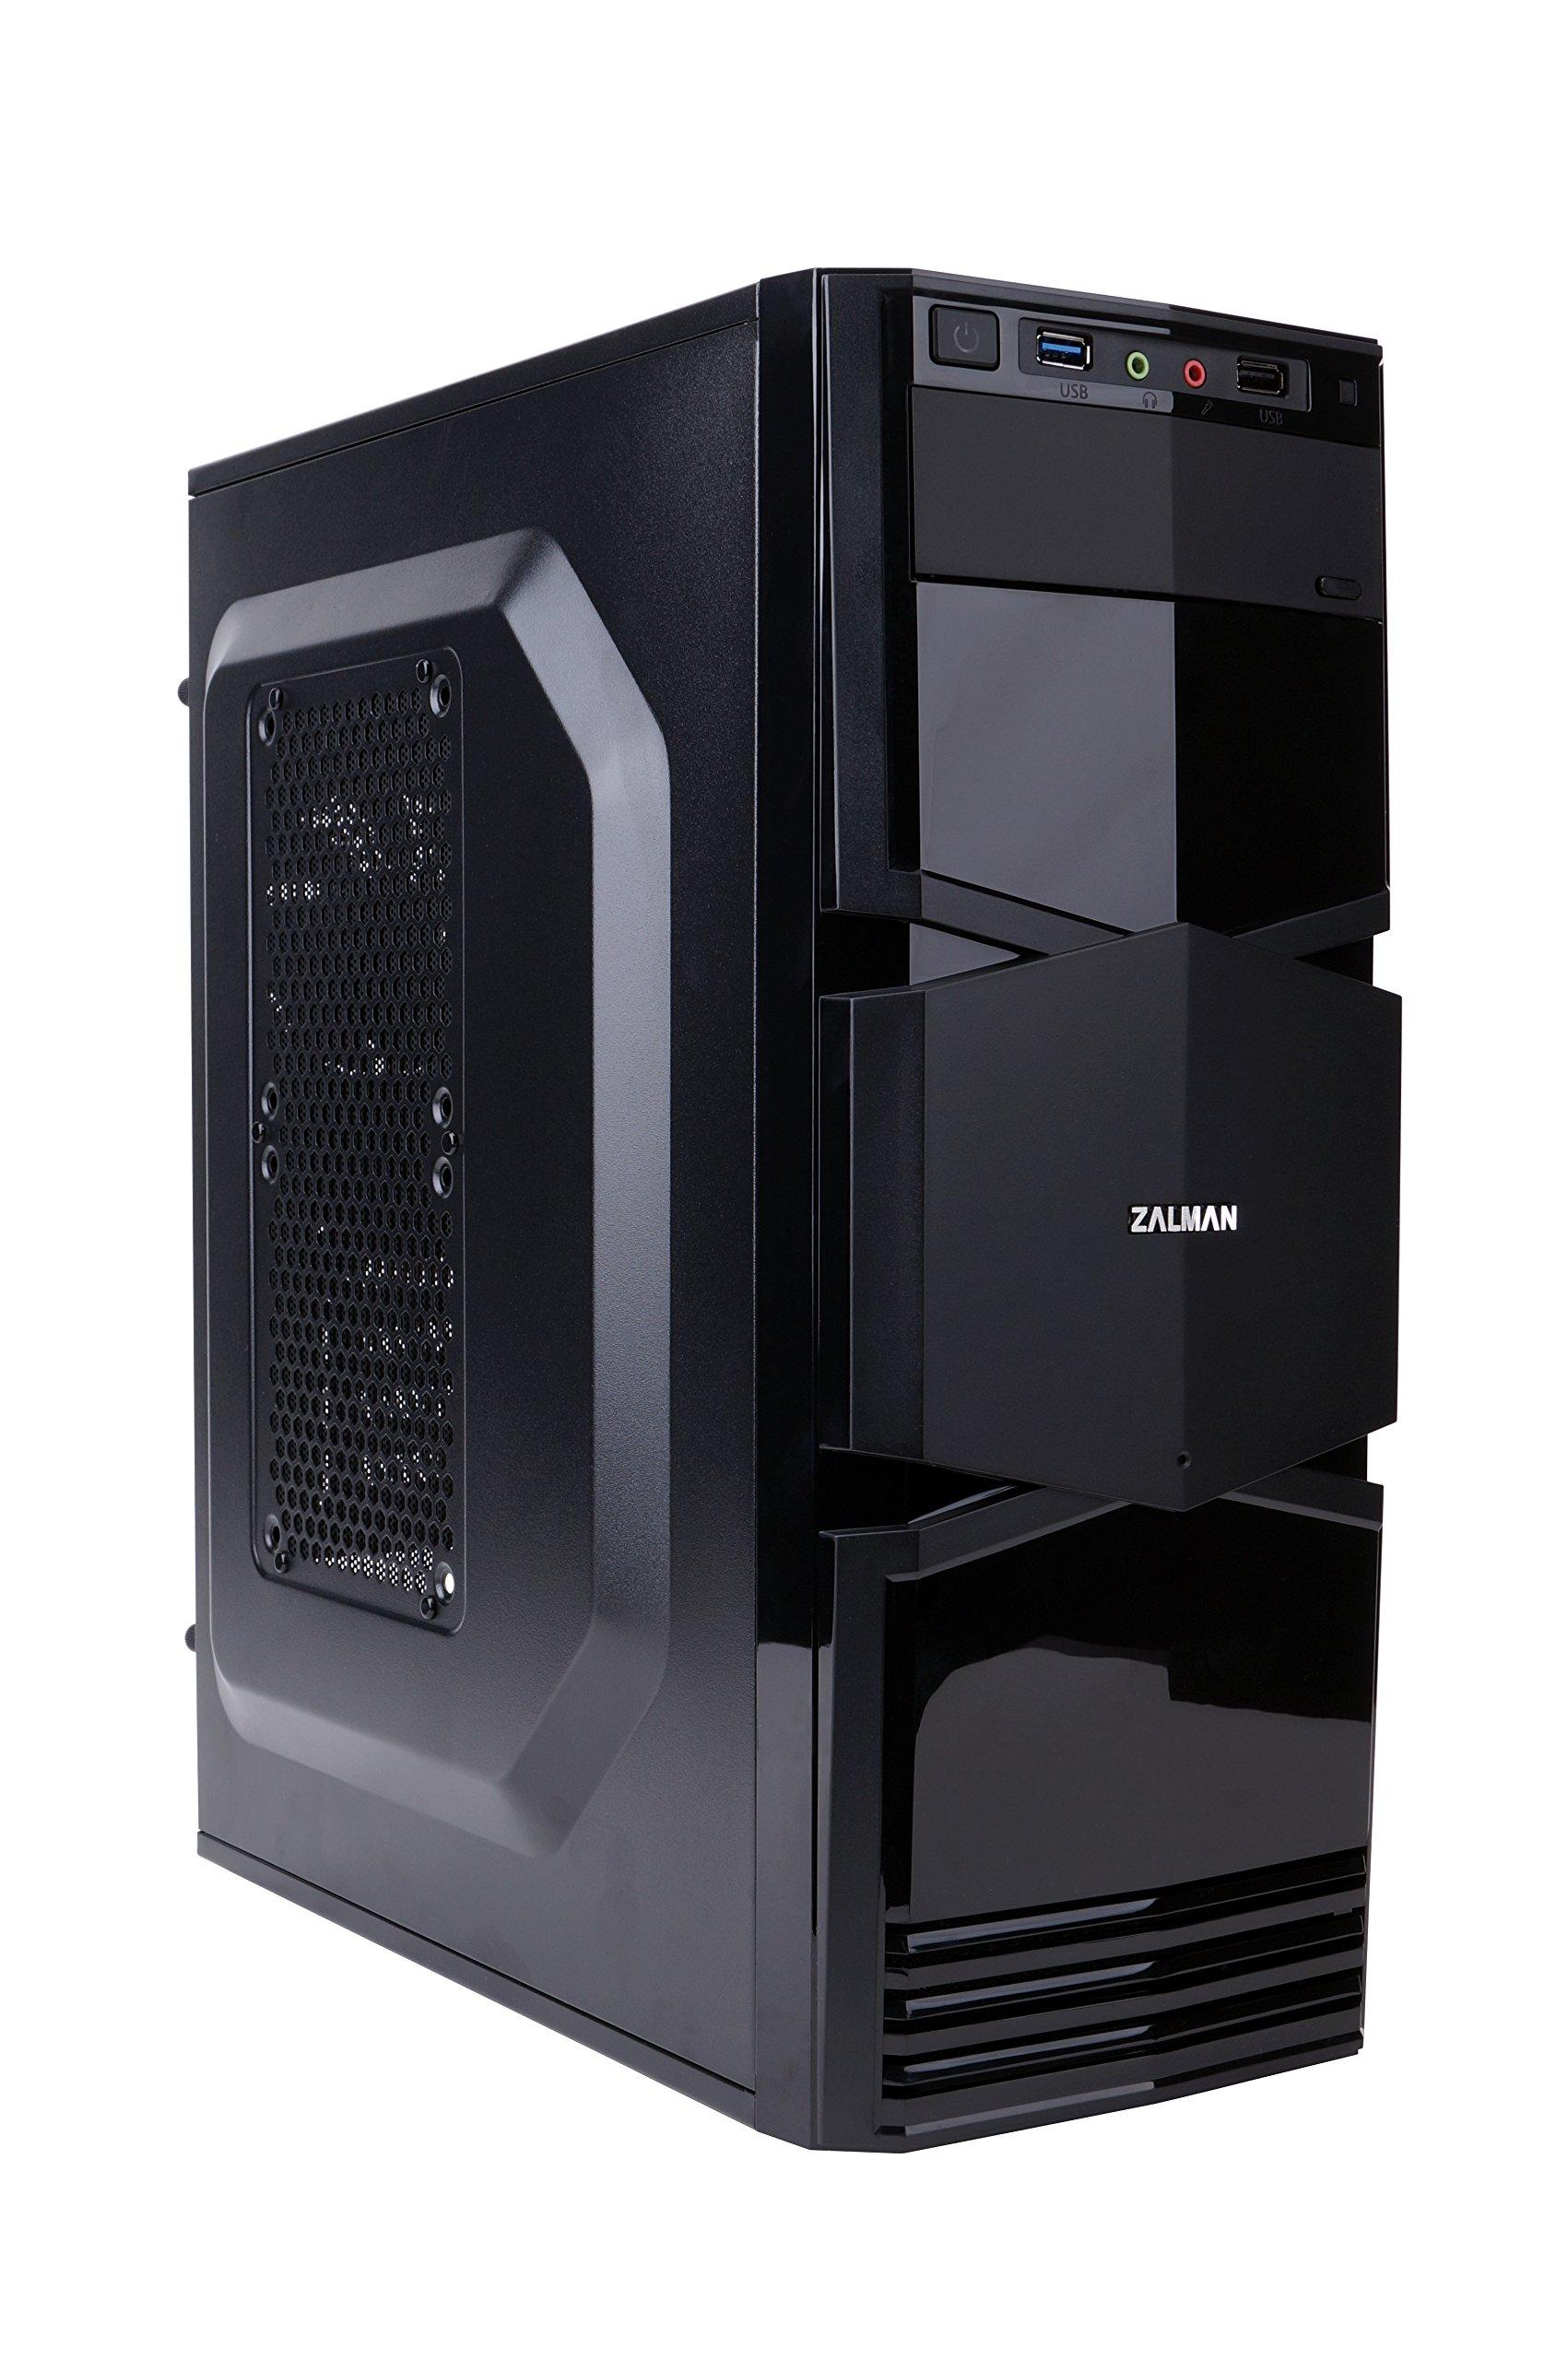 Zalman T3 Micro ATX Mini Tower Computer Case (Black)